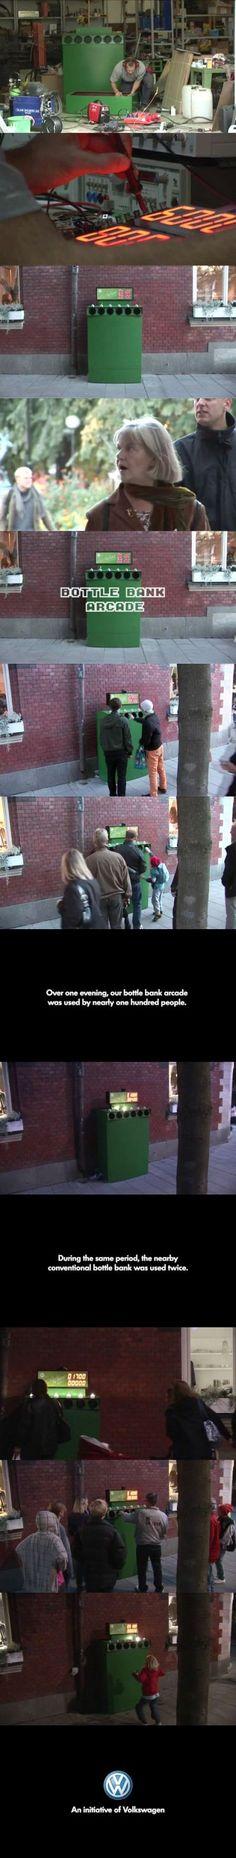 Bottle Bank Arcade Machine